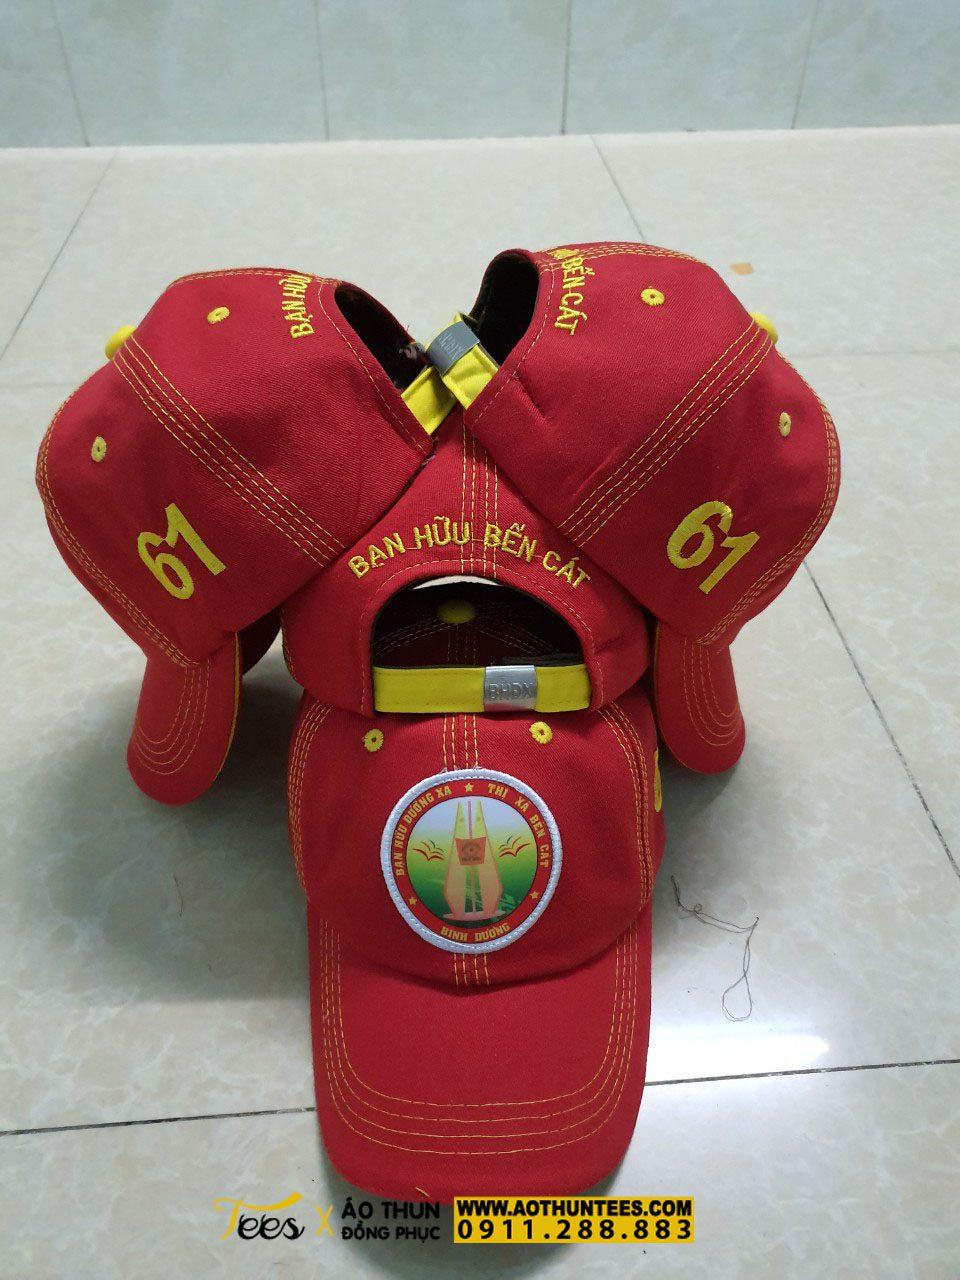 87c7b5e6c8302f6e7621 - Giới thiệu về đồng phục nón